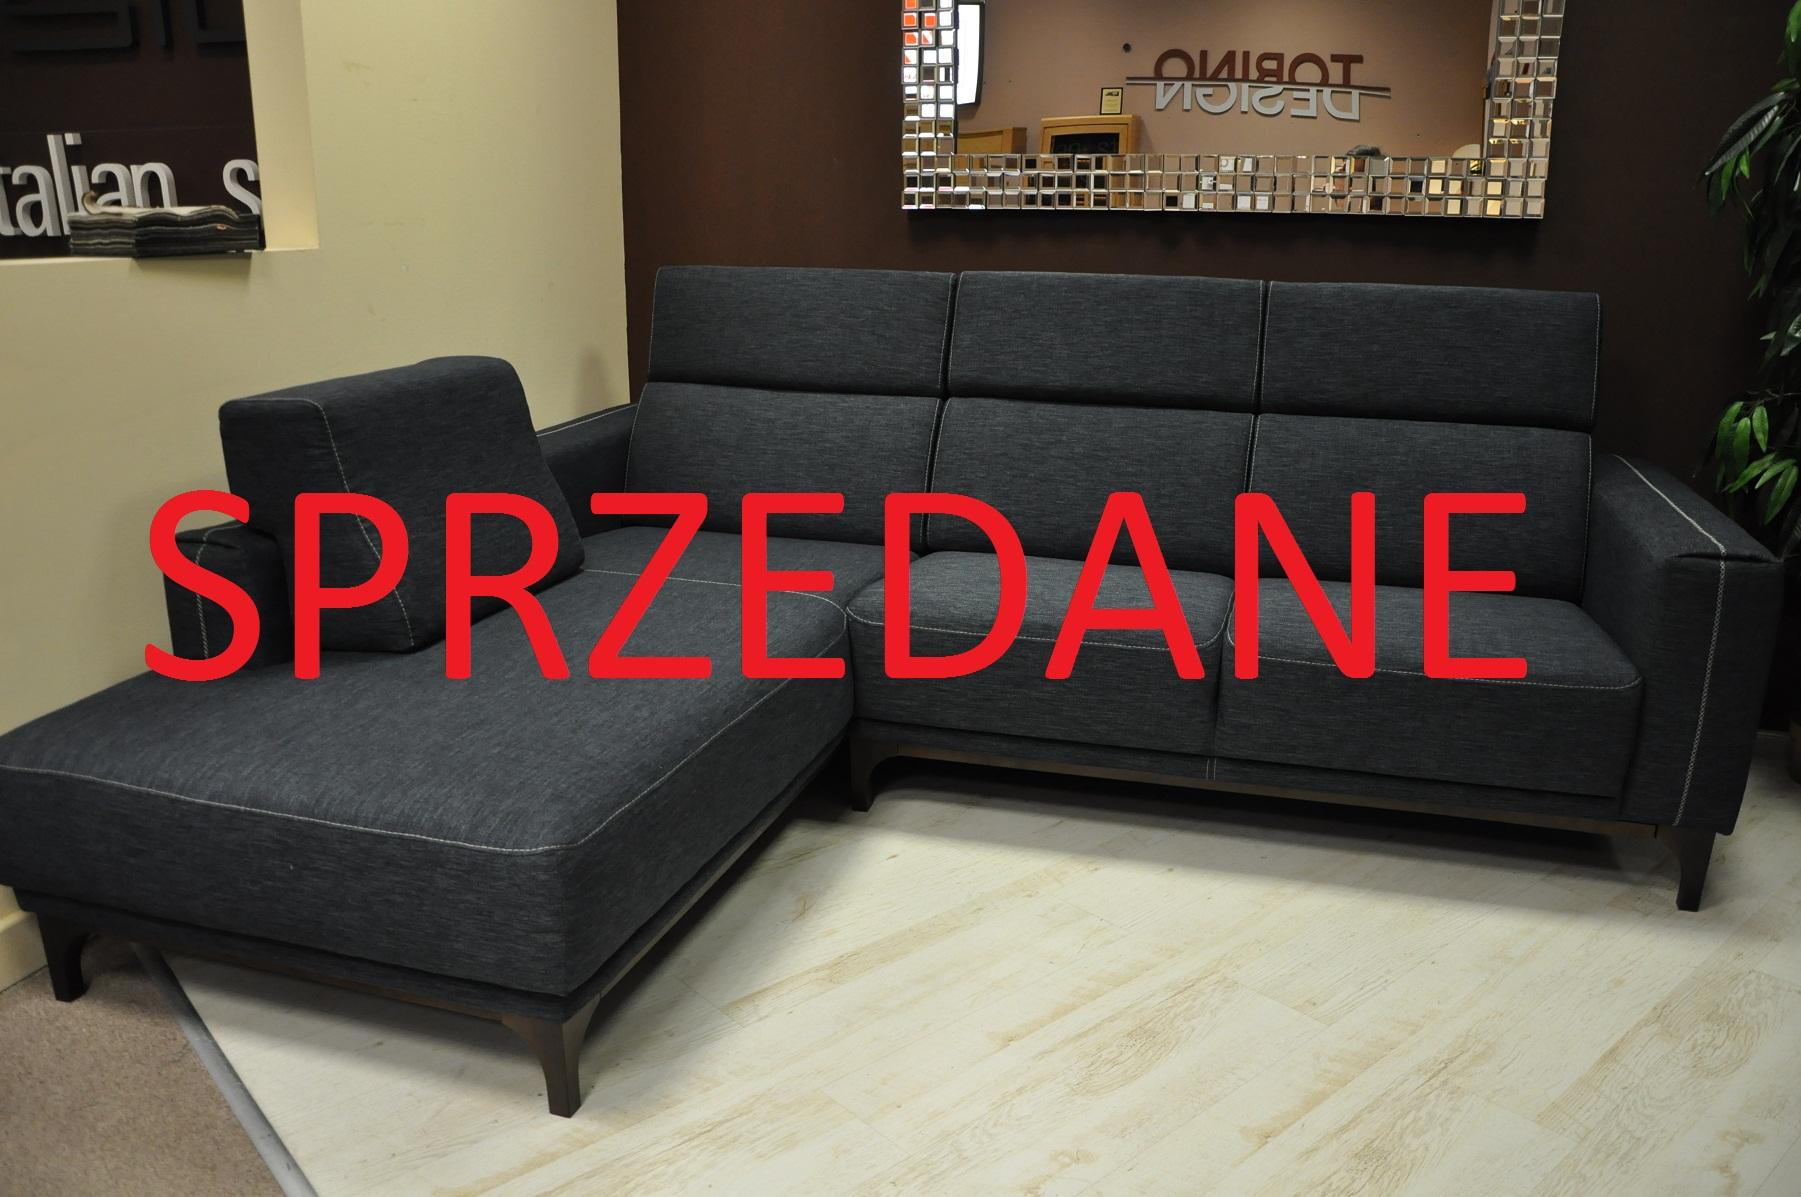 KELLY NAROŻNIK EMMOHL POLDEM WARSZAWA STUDIO KOMFORT SPRZEDANE